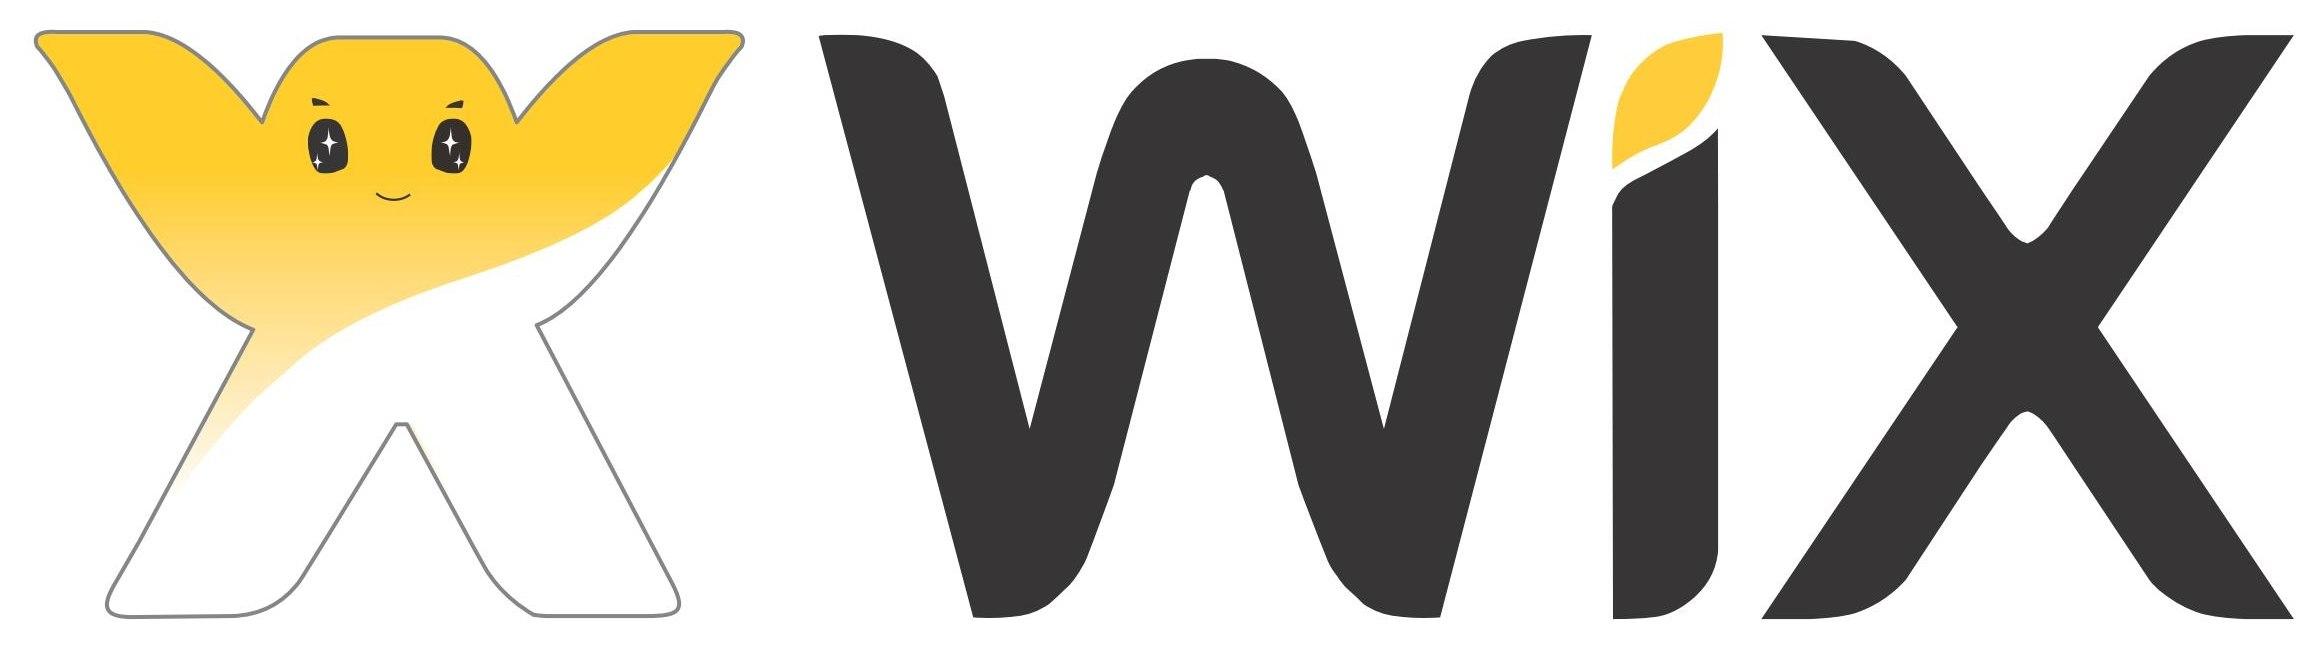 wix.com-logo